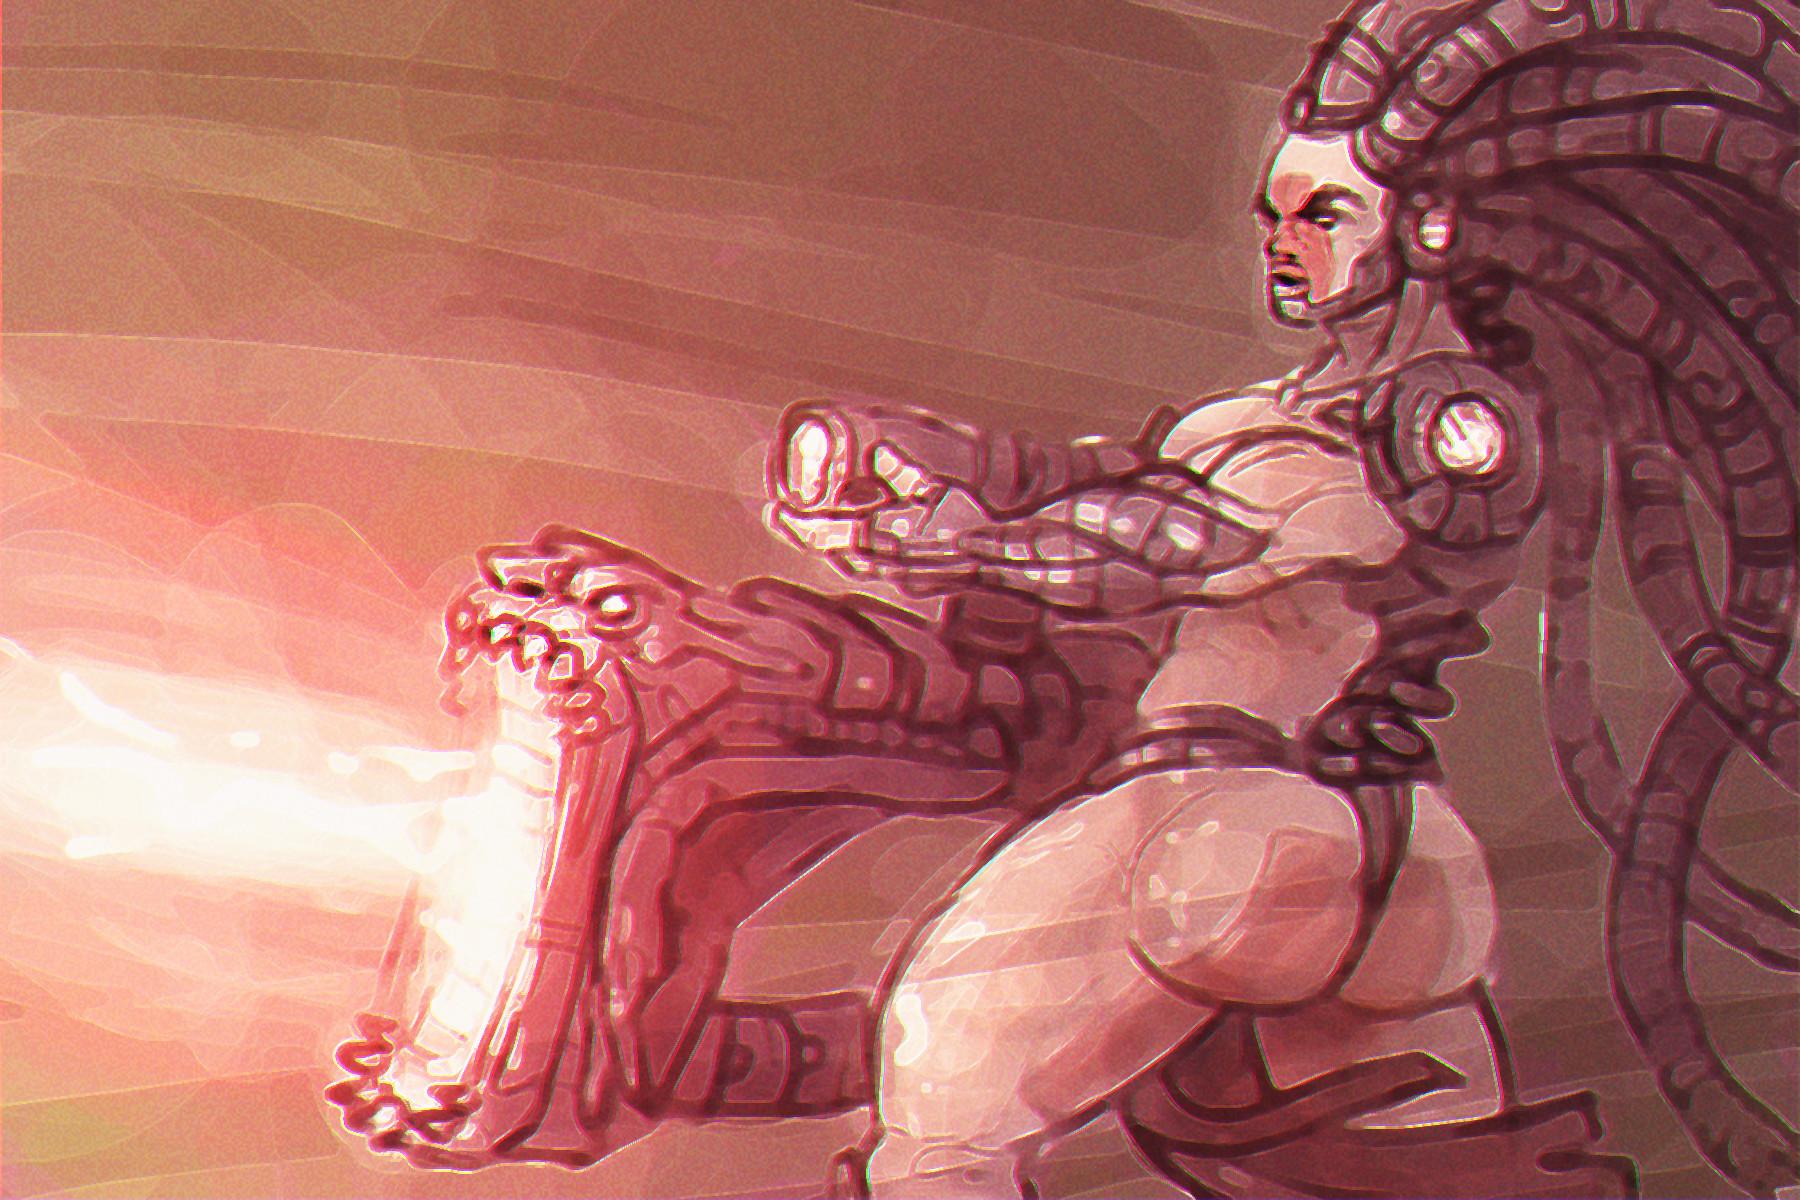 Chema samaniego concept armor hair 3